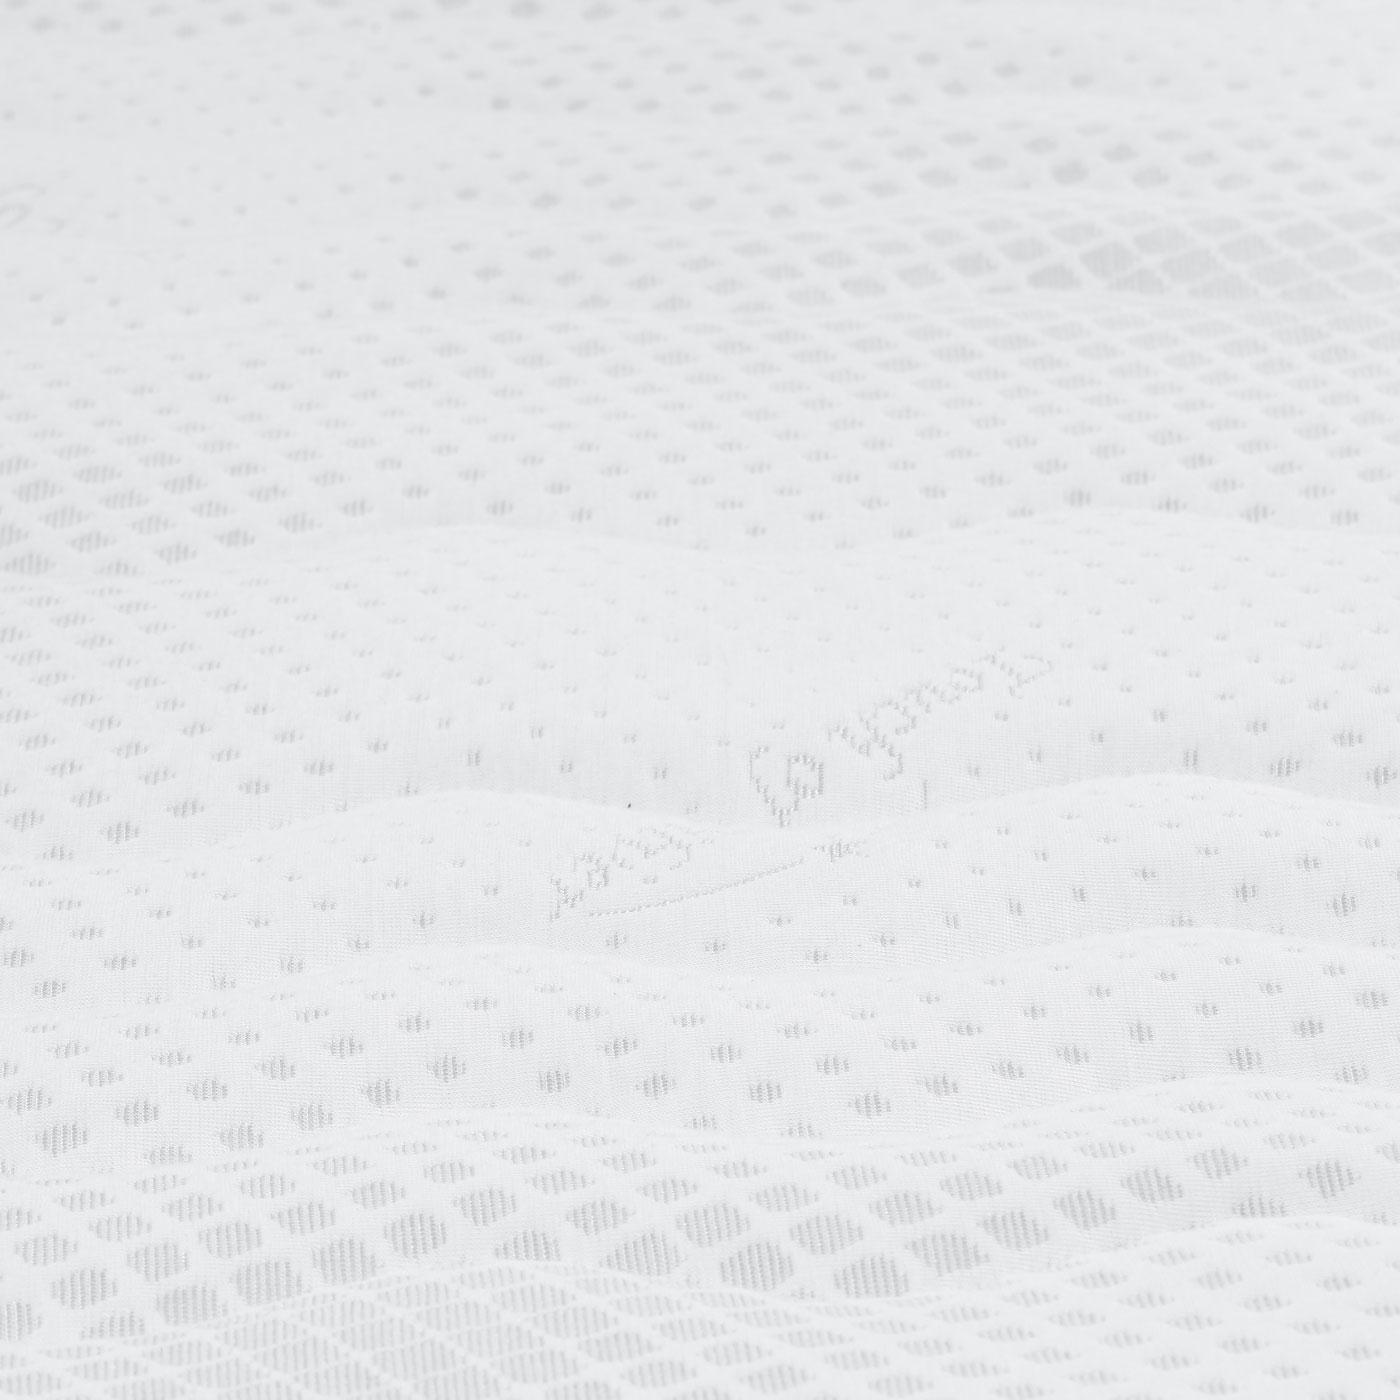 mittelfeste kaltschaummatratze bis 120 kg belastbar yousleep 800. Black Bedroom Furniture Sets. Home Design Ideas